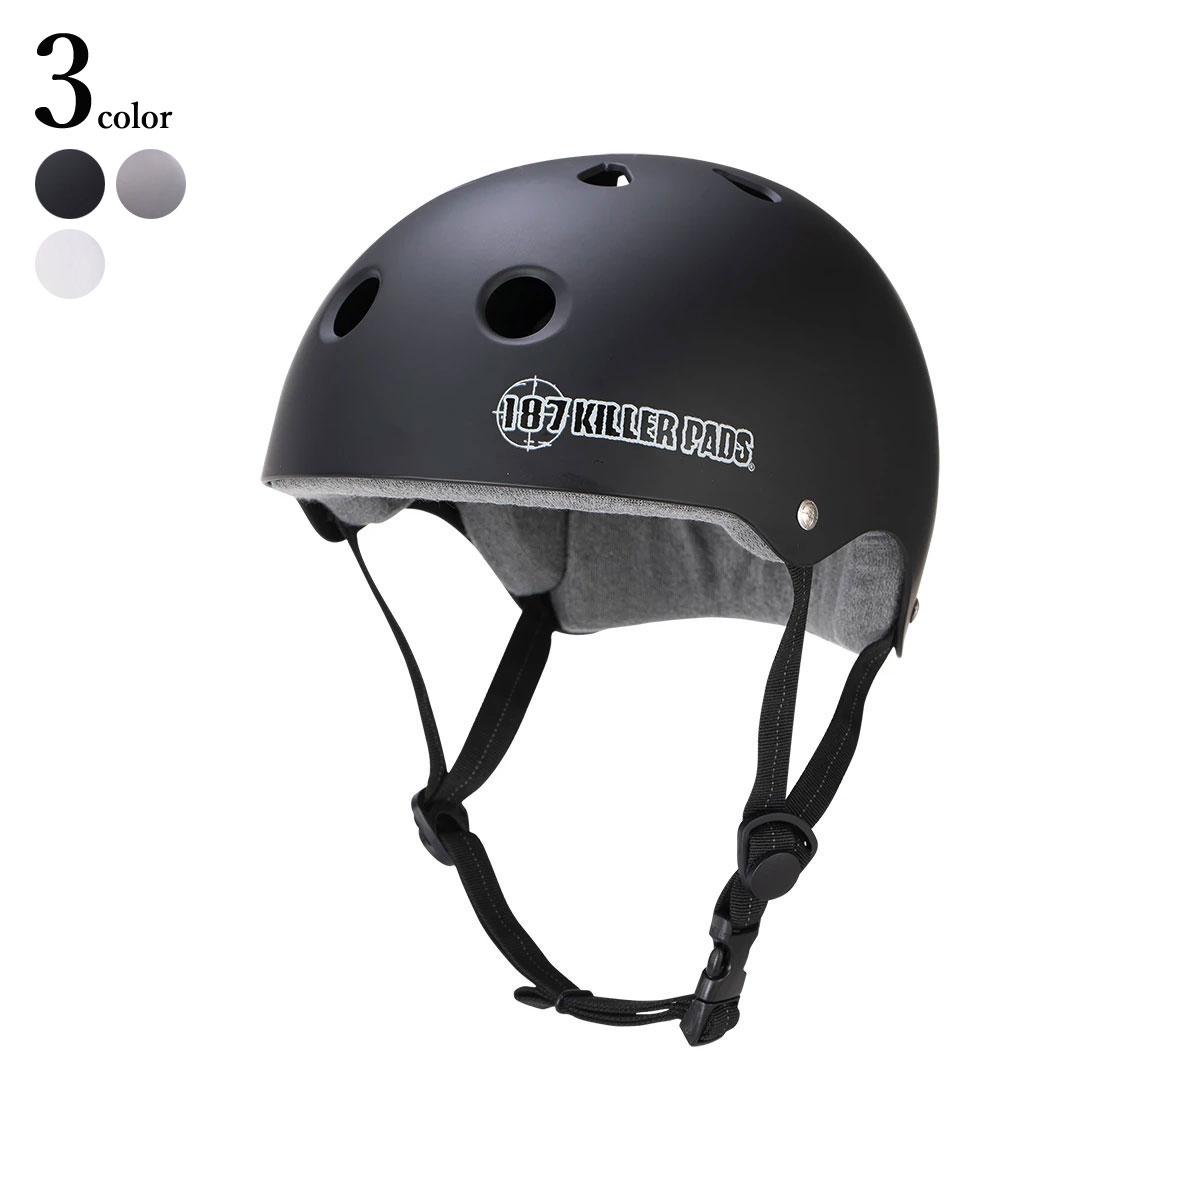 スケートボード・インラインスケート, ヘルメット 95() 187 KILLER PADS ( ) PRO SKATE HELMET W SWEATSAVER LINER XS S M L XL XXL